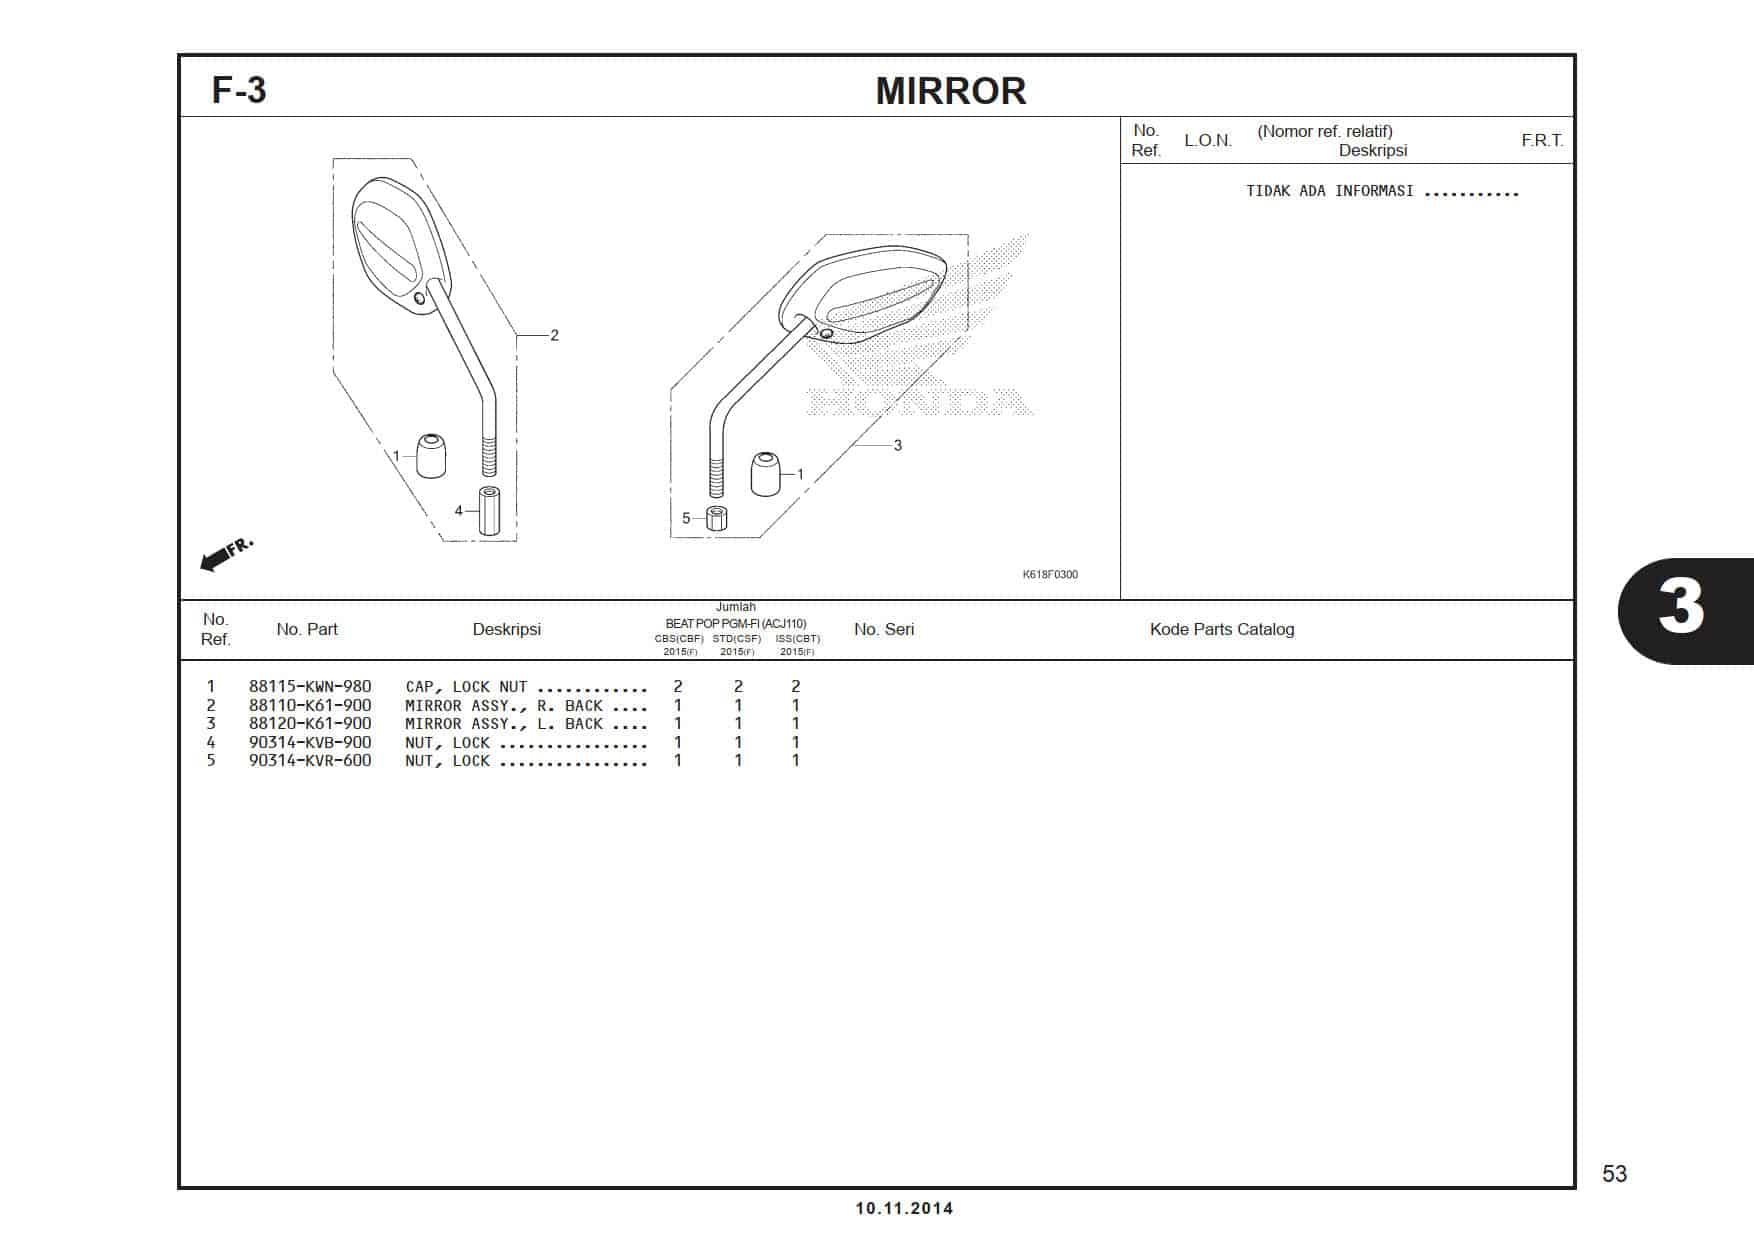 F-3 Mirror